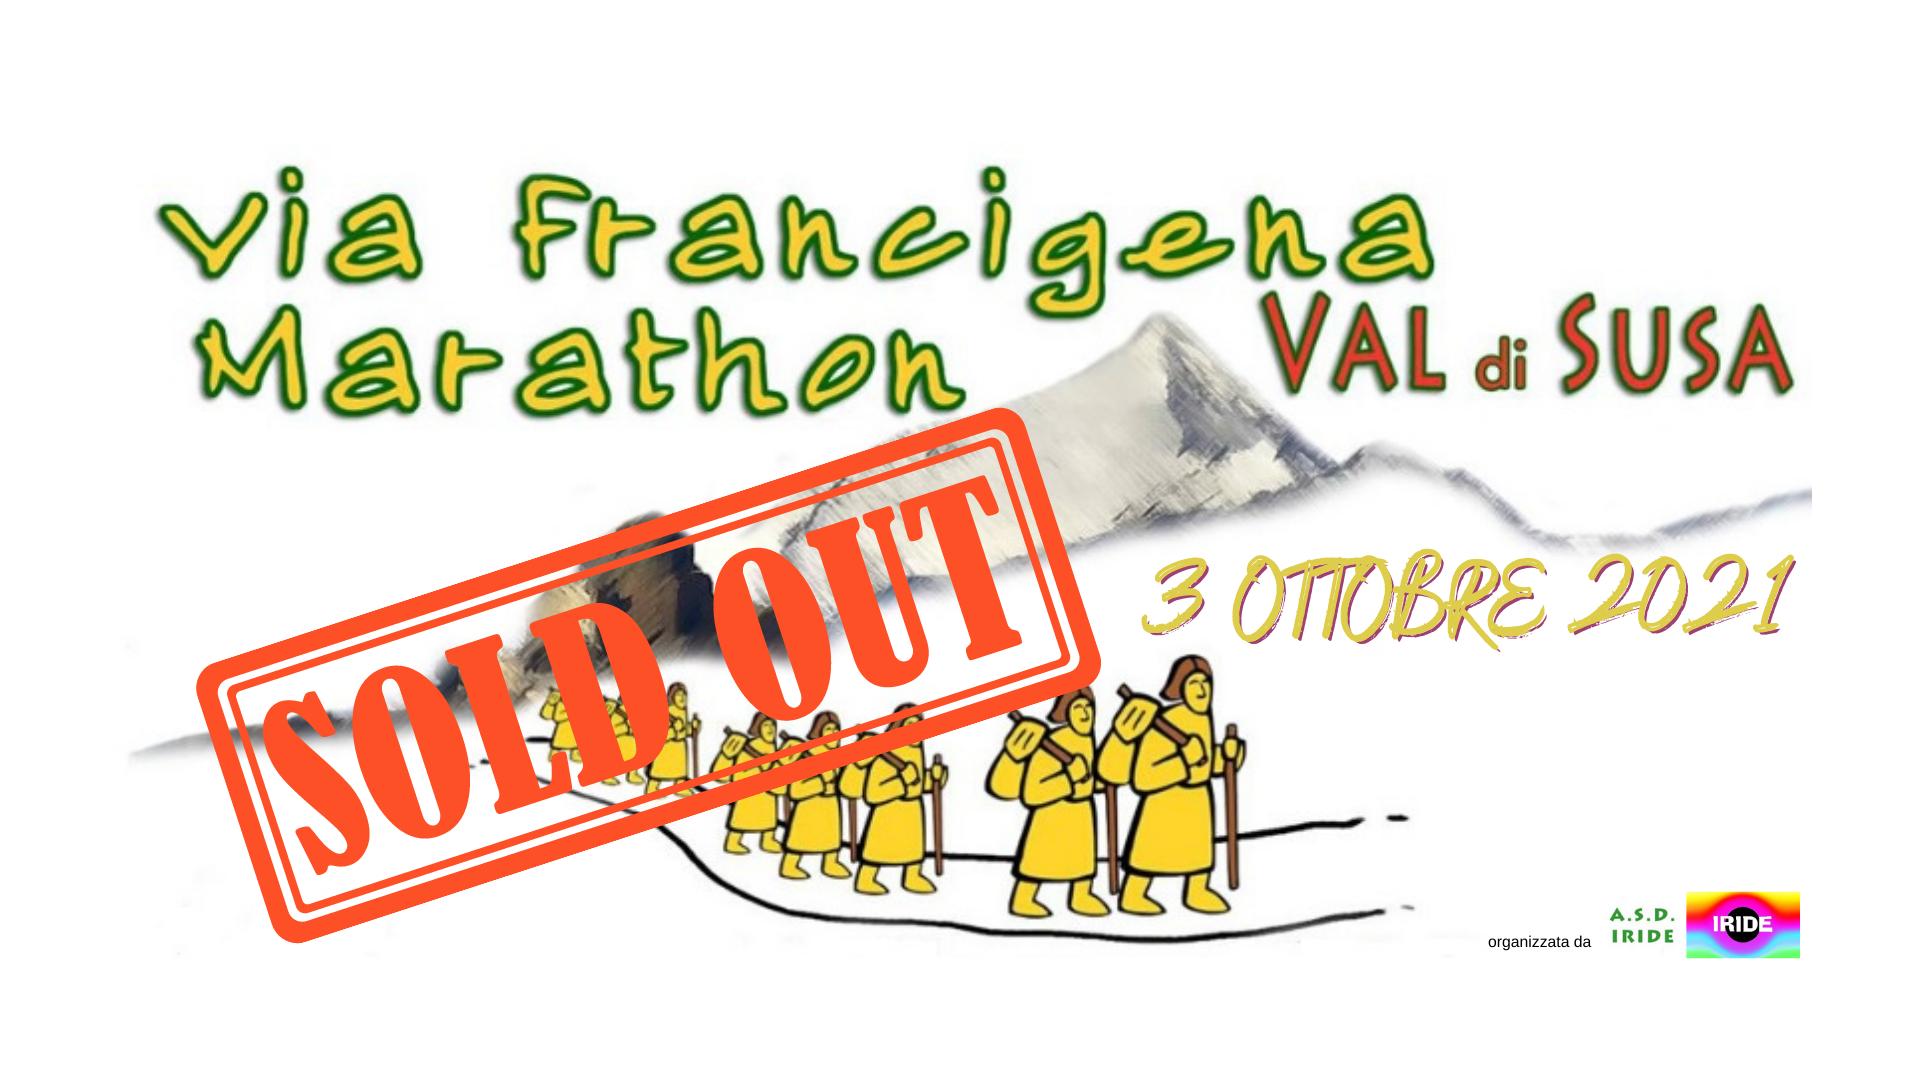 Via Francigena Marathon Val di Susa spostata al 03 Ottobre 2021